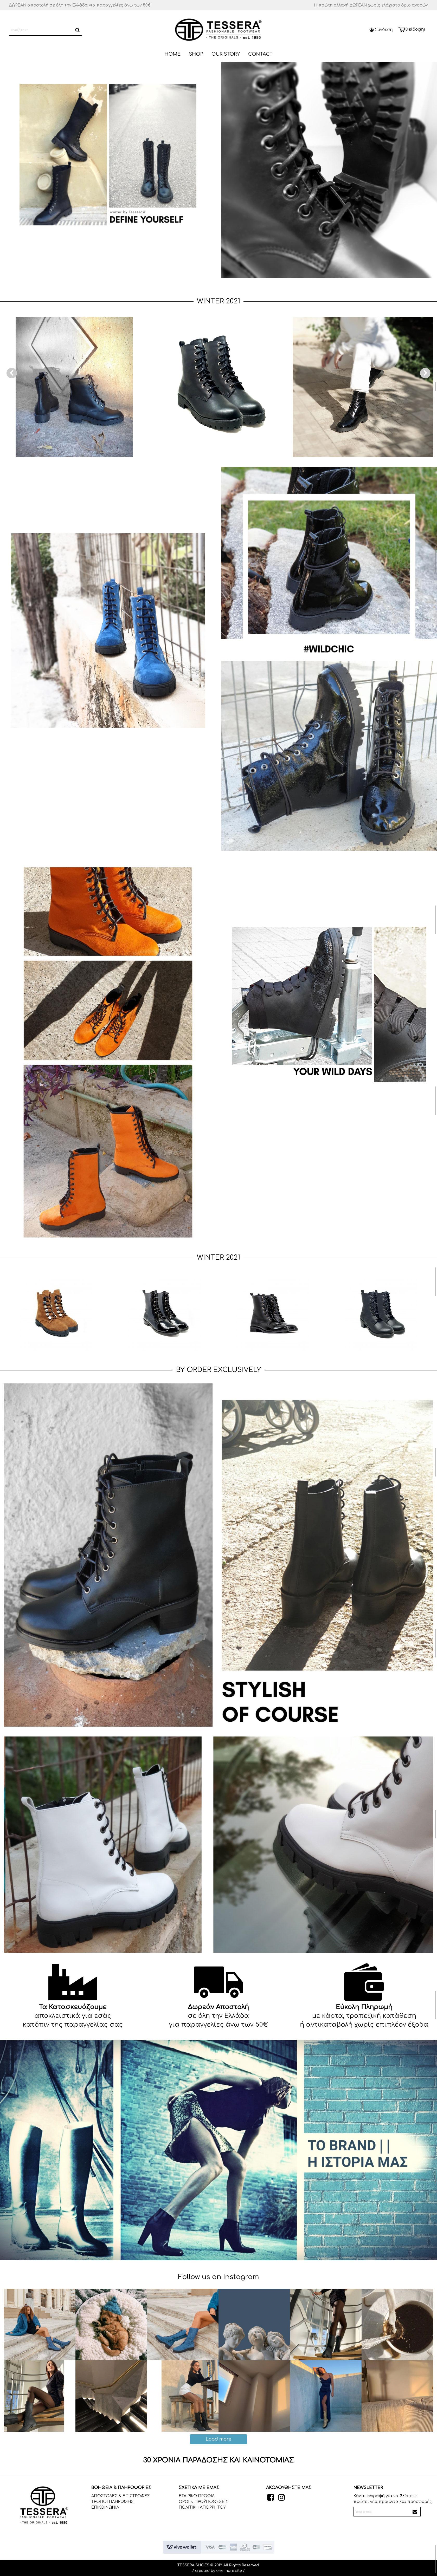 tesserafootwear.com-scr-1